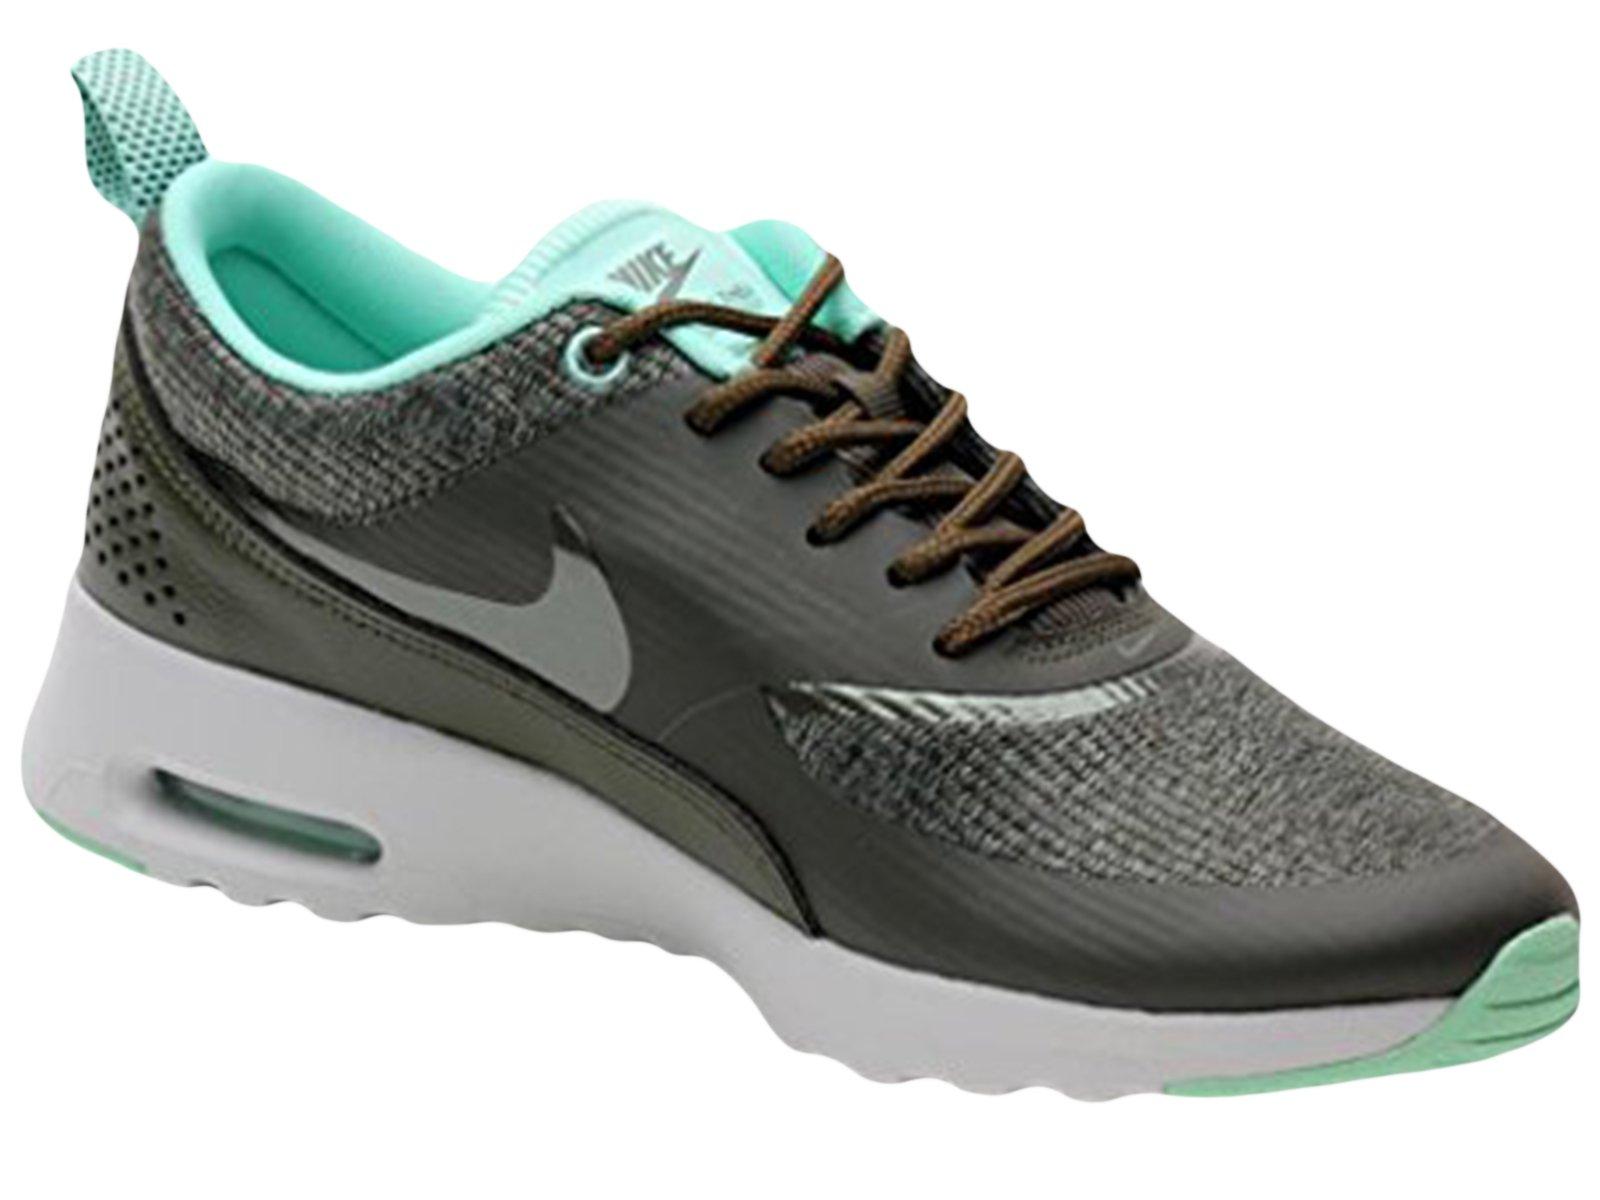 newest d31ba b082d Galleon - Nike Womens Air Max Thea Prm Cargo Khaki Light Ash Grey  616723-301 10